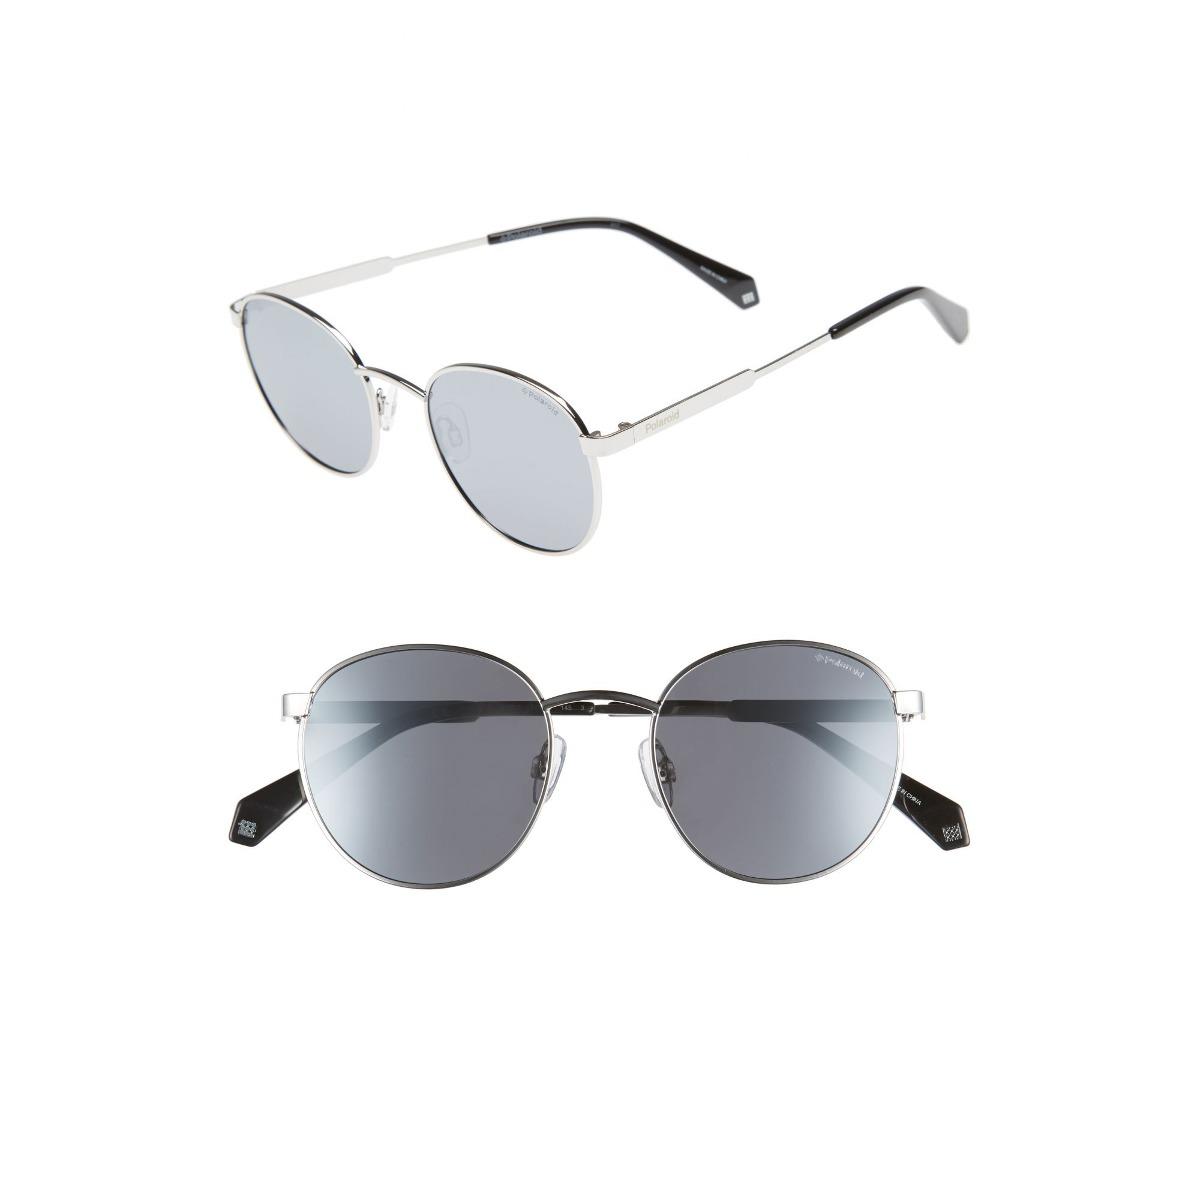 Óculos De Sol Polaroid Pld2053 s 010ex - R  159,00 em Mercado Livre 21f9a66418